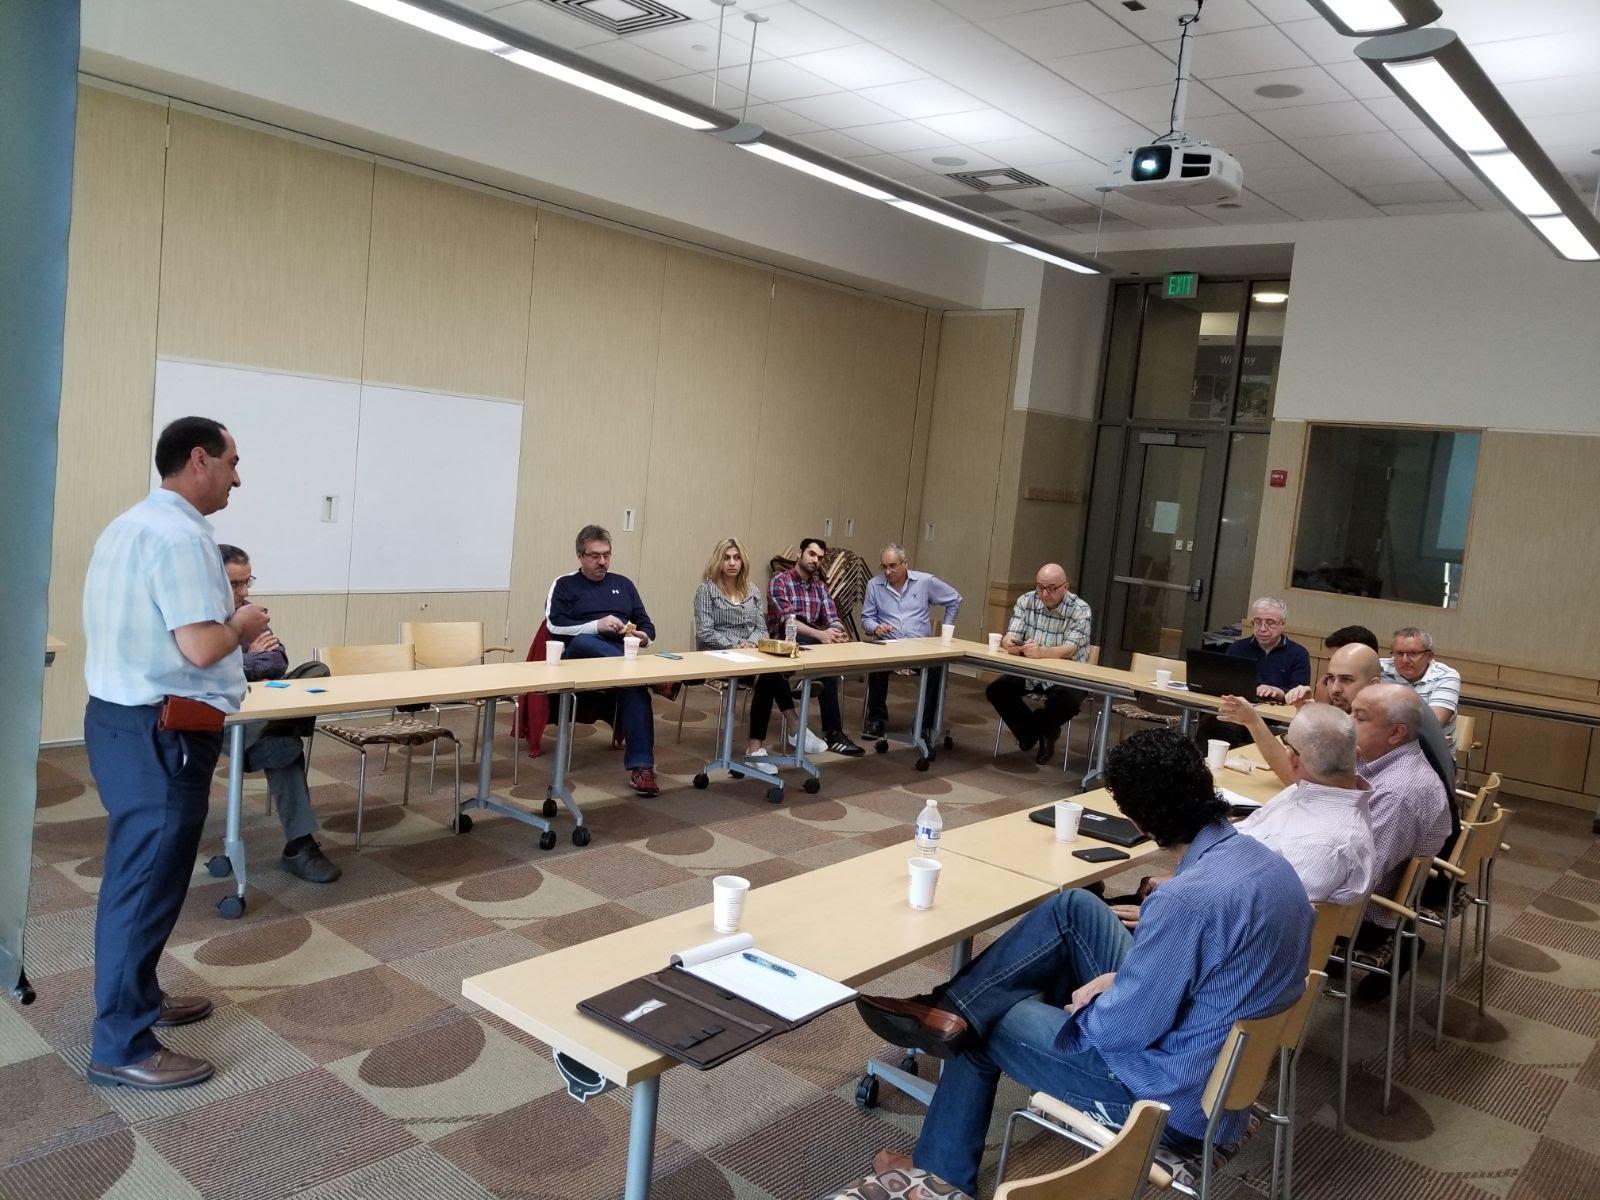 2018-04-14-Meeting-6.jpg